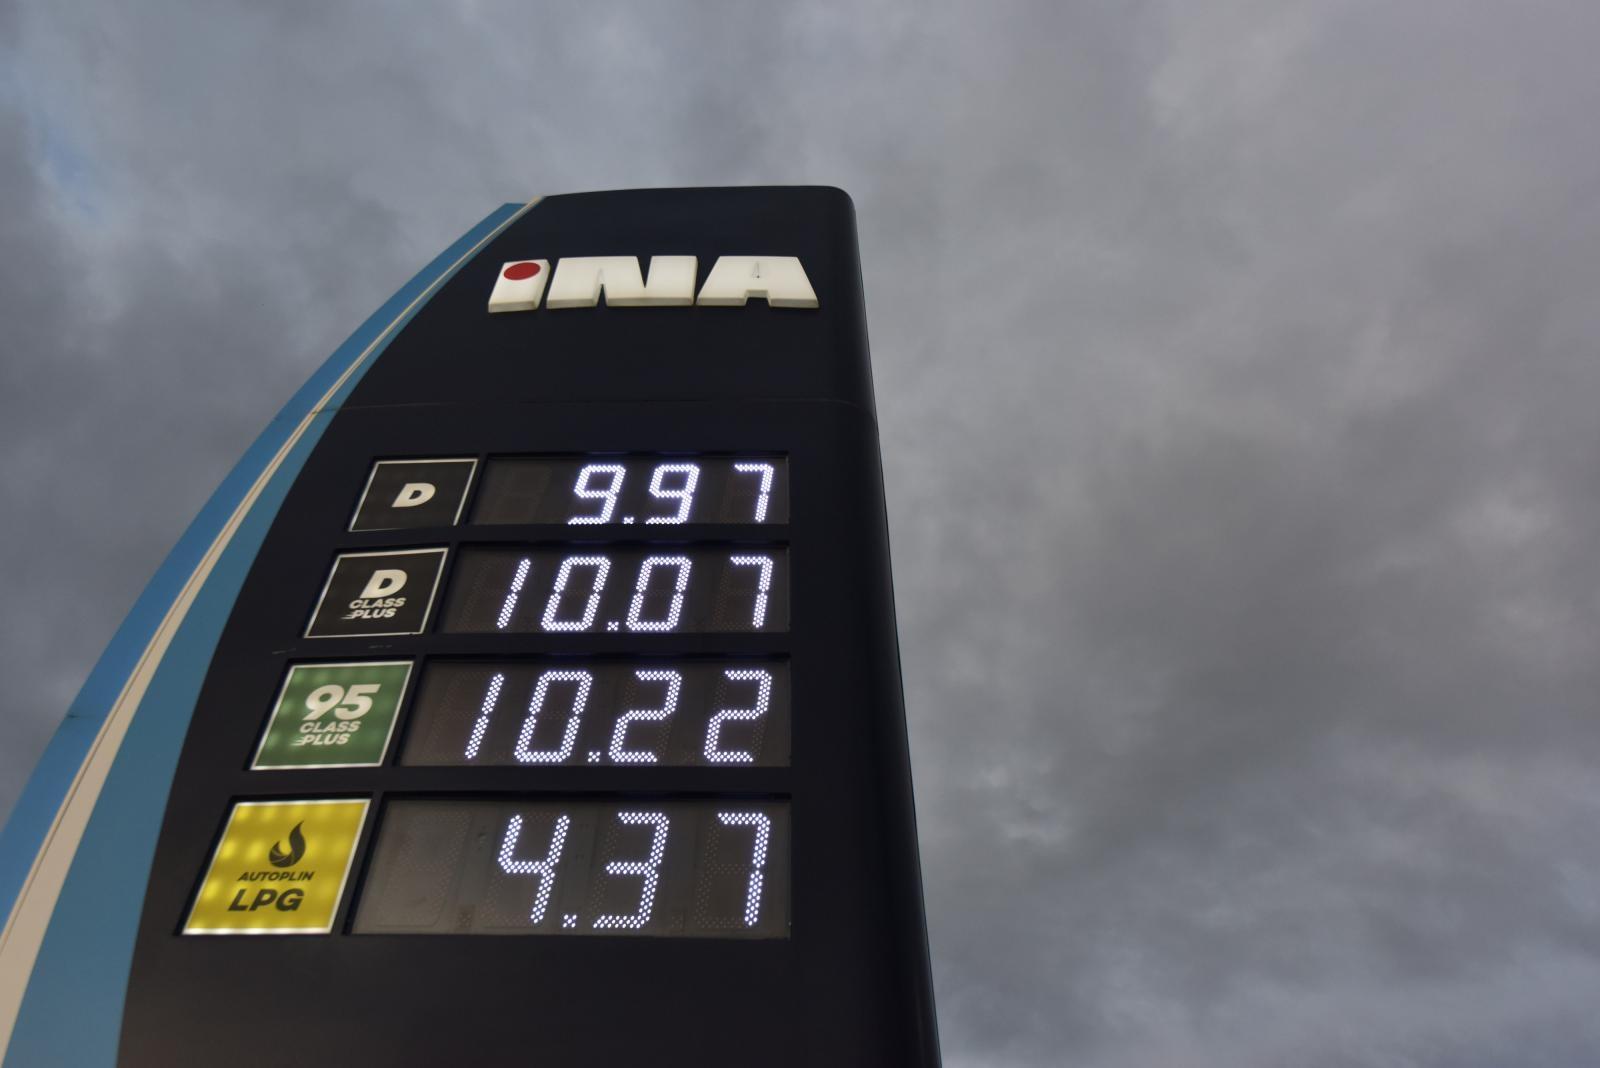 Novi porast cijena goriva u Hrvatskoj